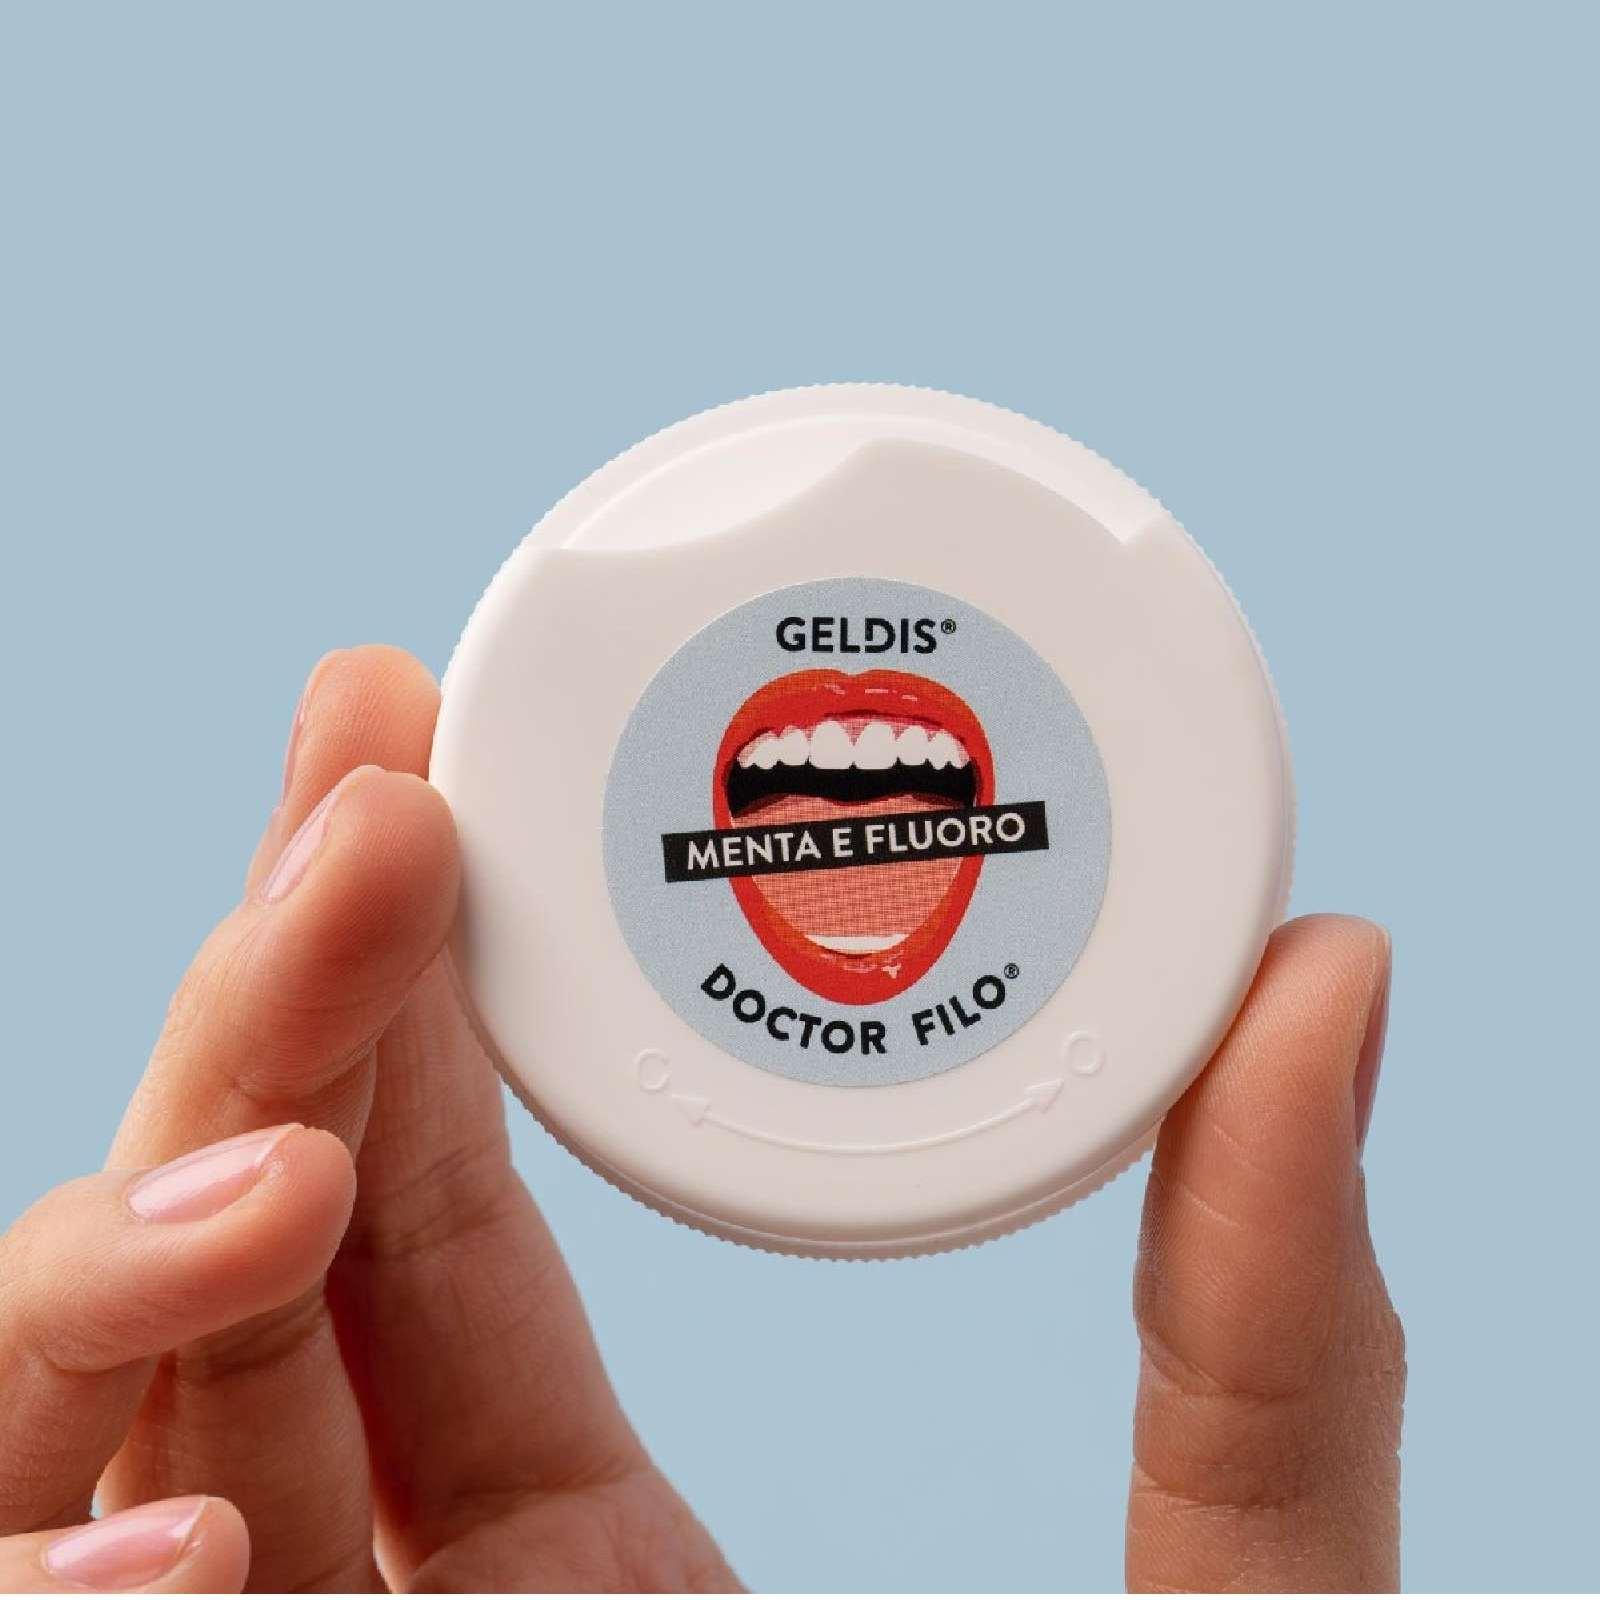 limpiar los dientes hilo dental